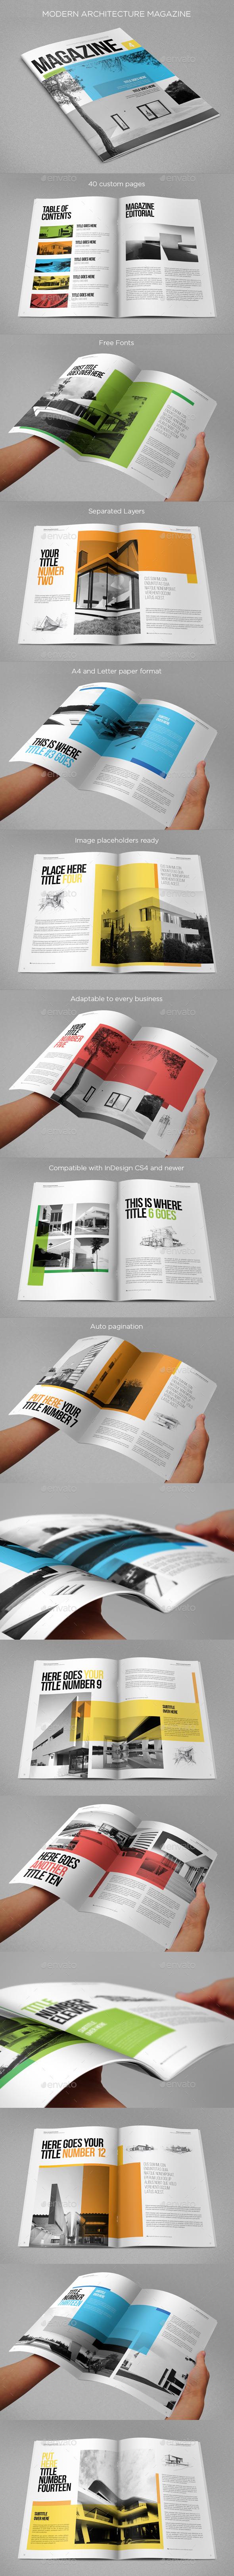 GraphicRiver Modern Architecture Magazine 8805408